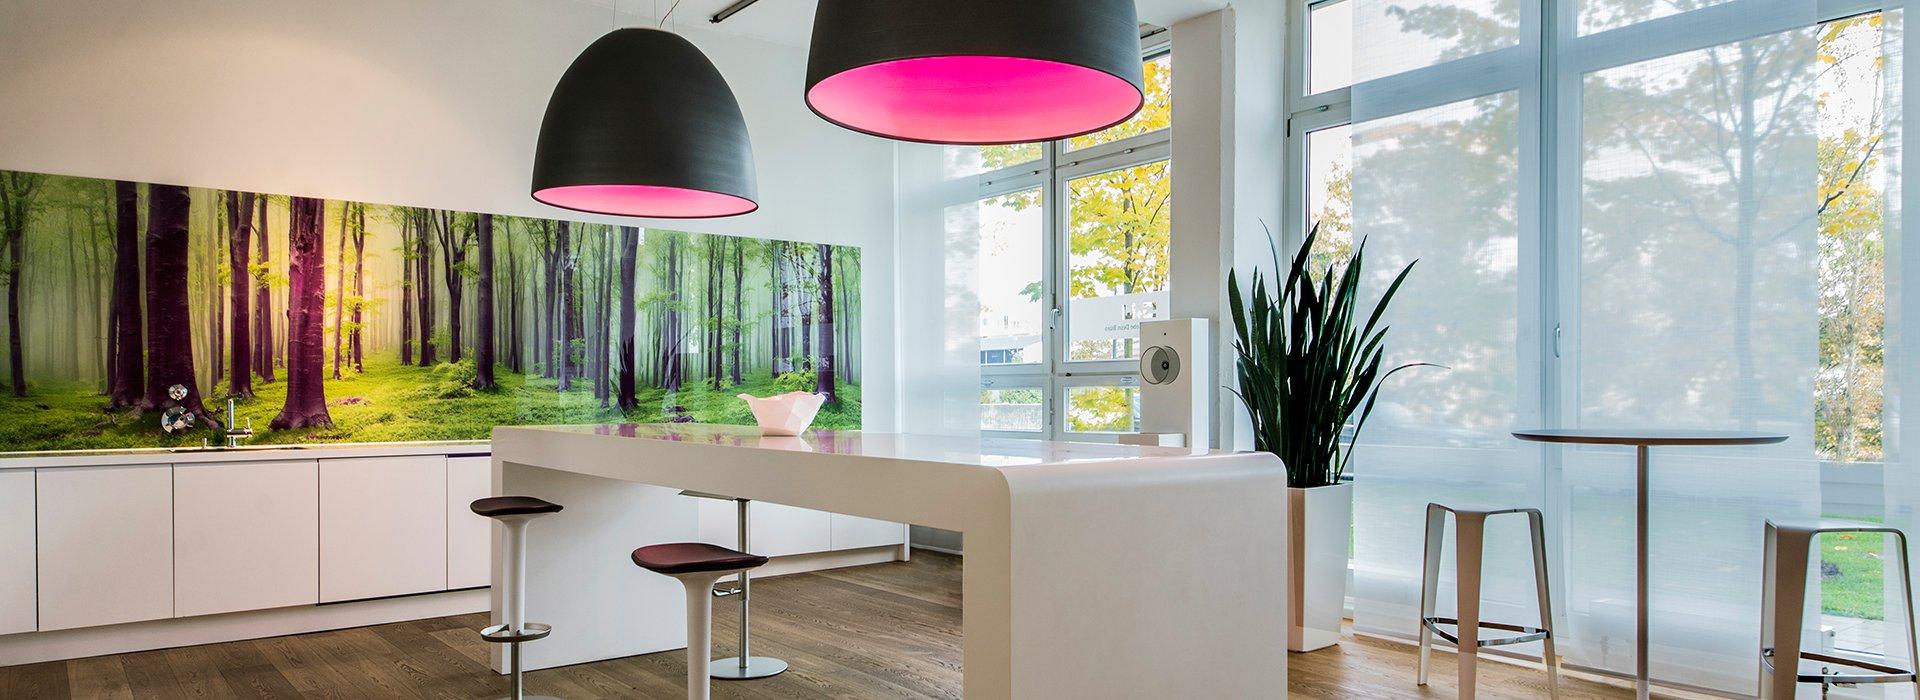 Vitra Möbel In München Kaufen Sw Büroraumkultur Gmbh